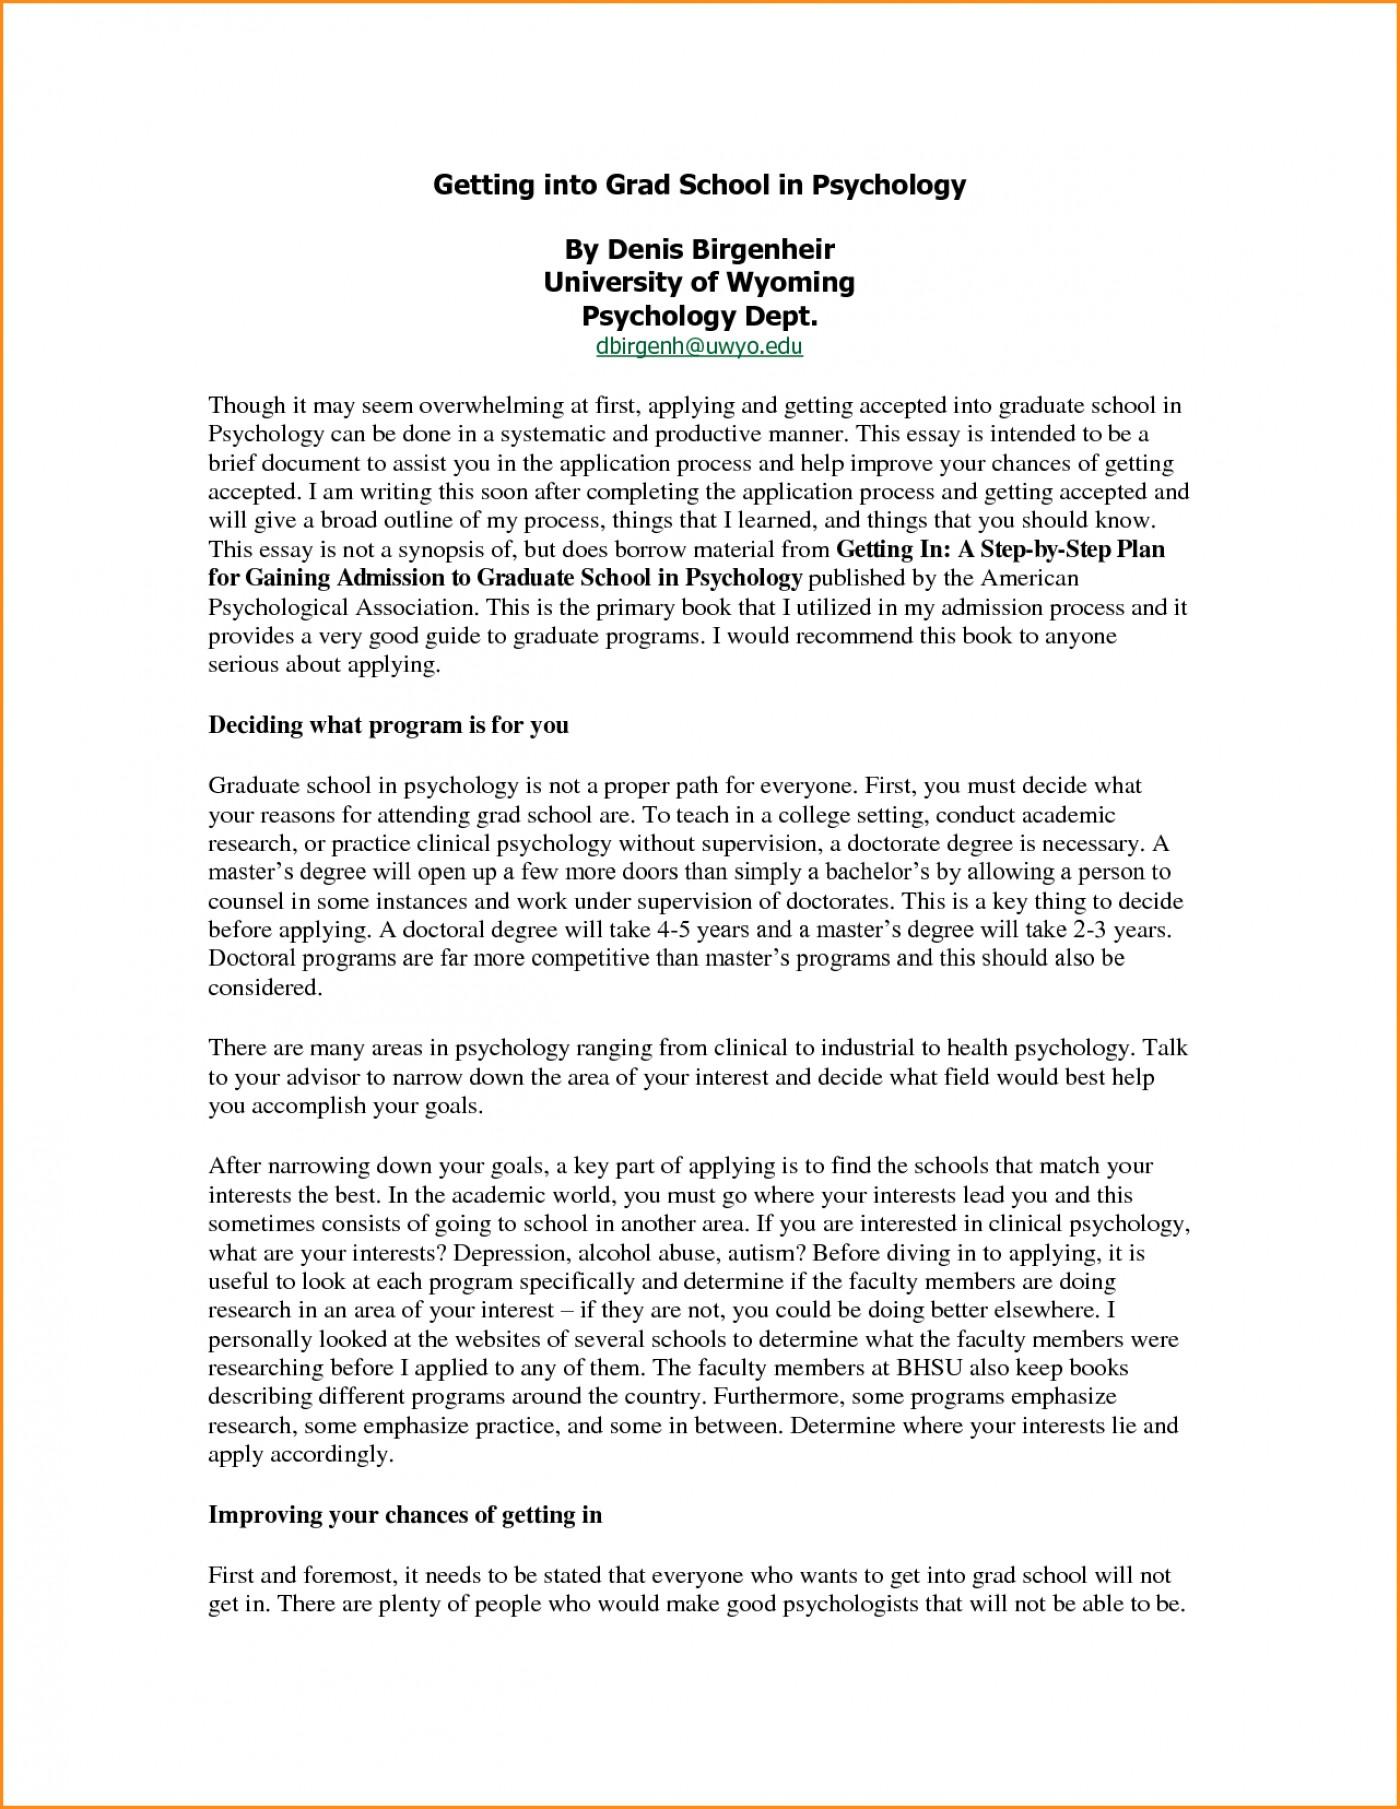 Death sentence essay topics